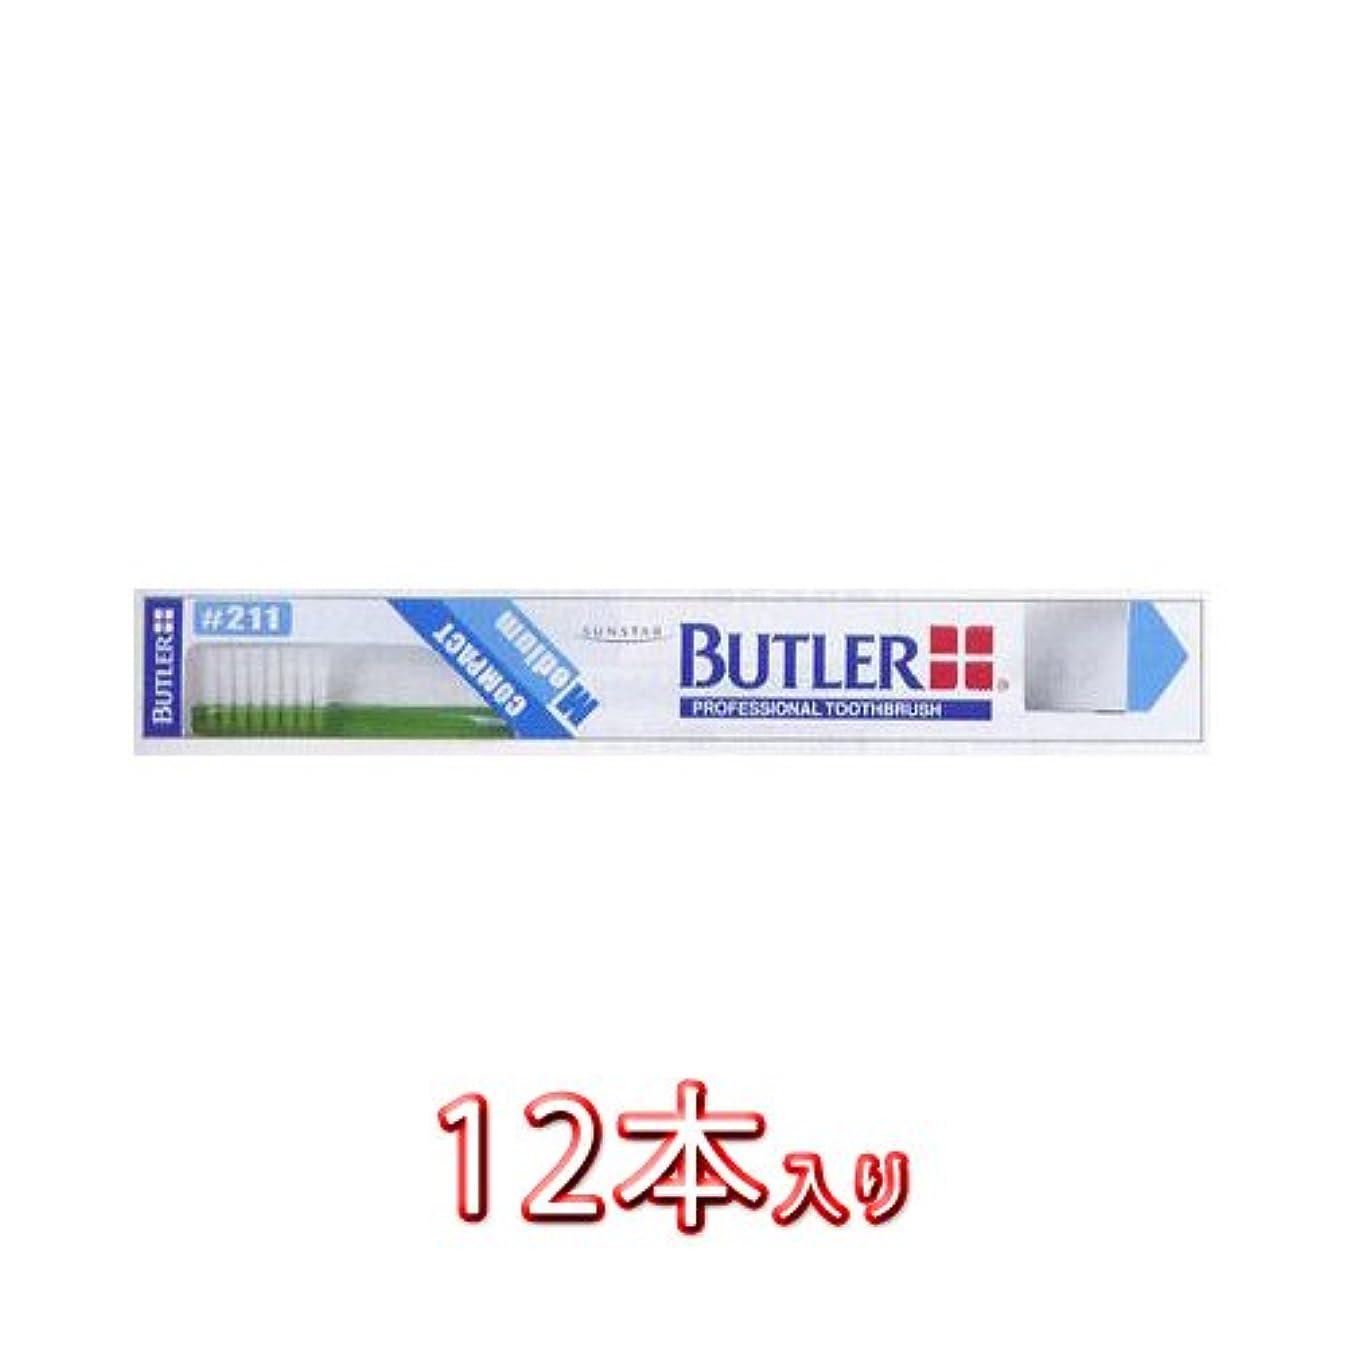 プロット引き出し溶接バトラー 歯ブラシ #211 12本入